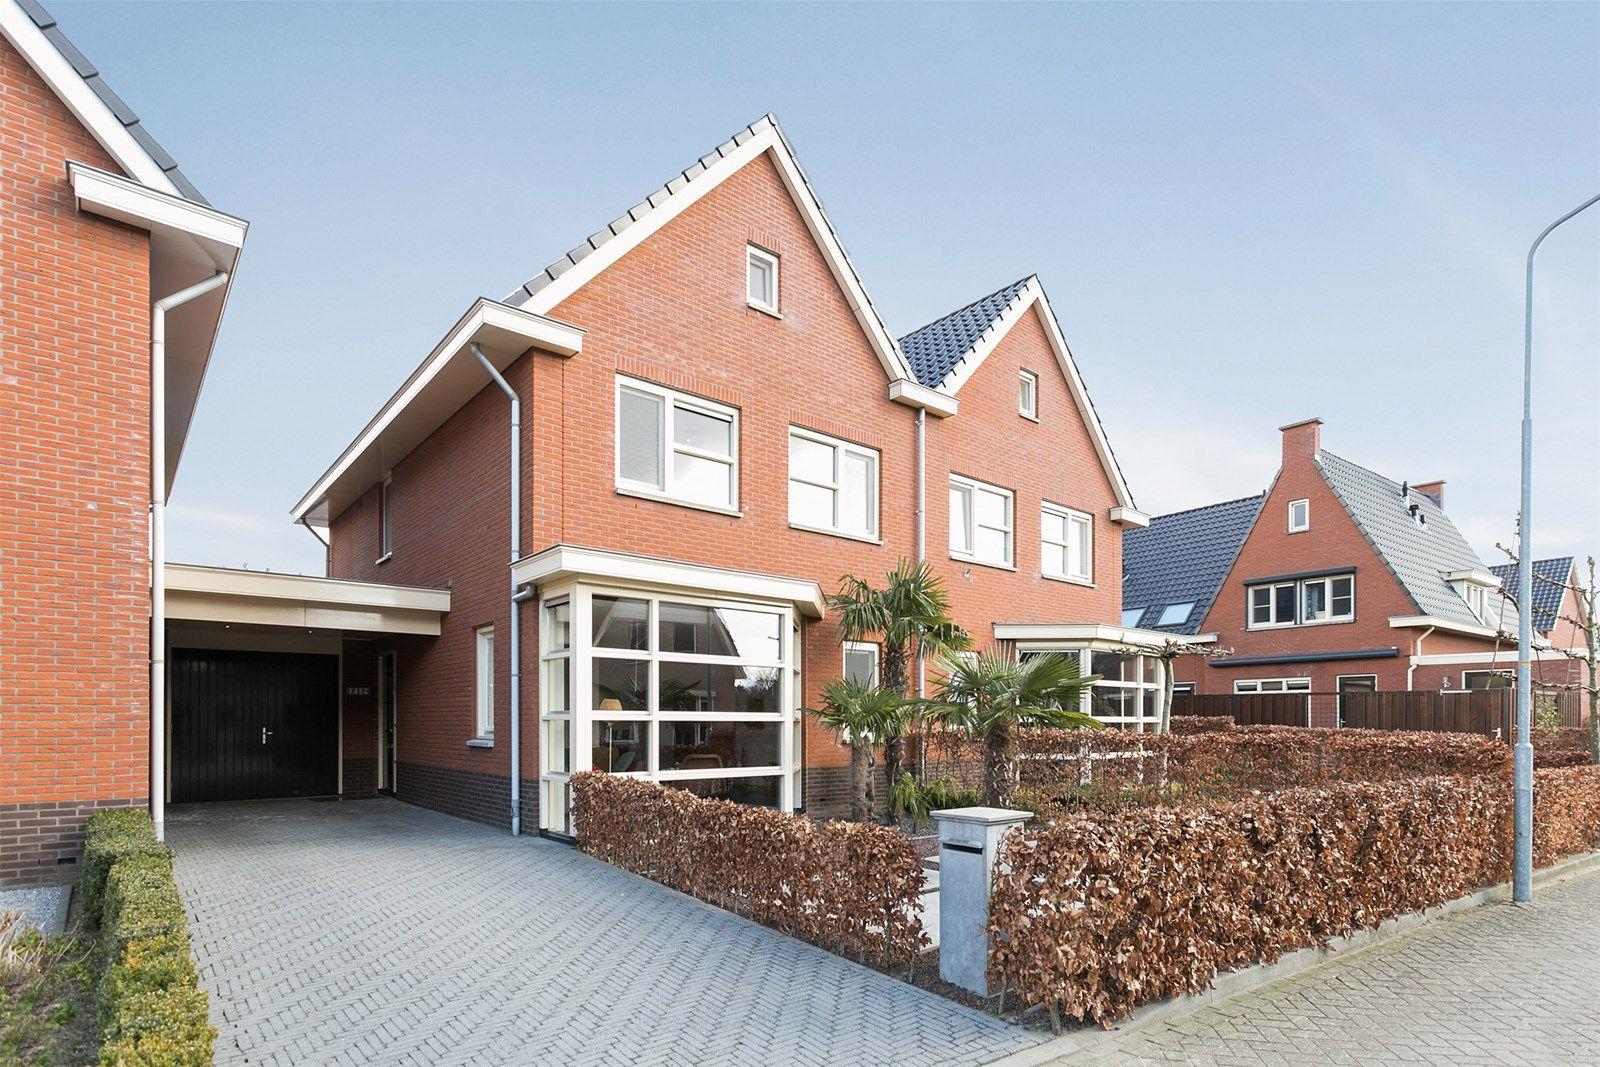 Herman van Velzenstraat 19, Silvolde